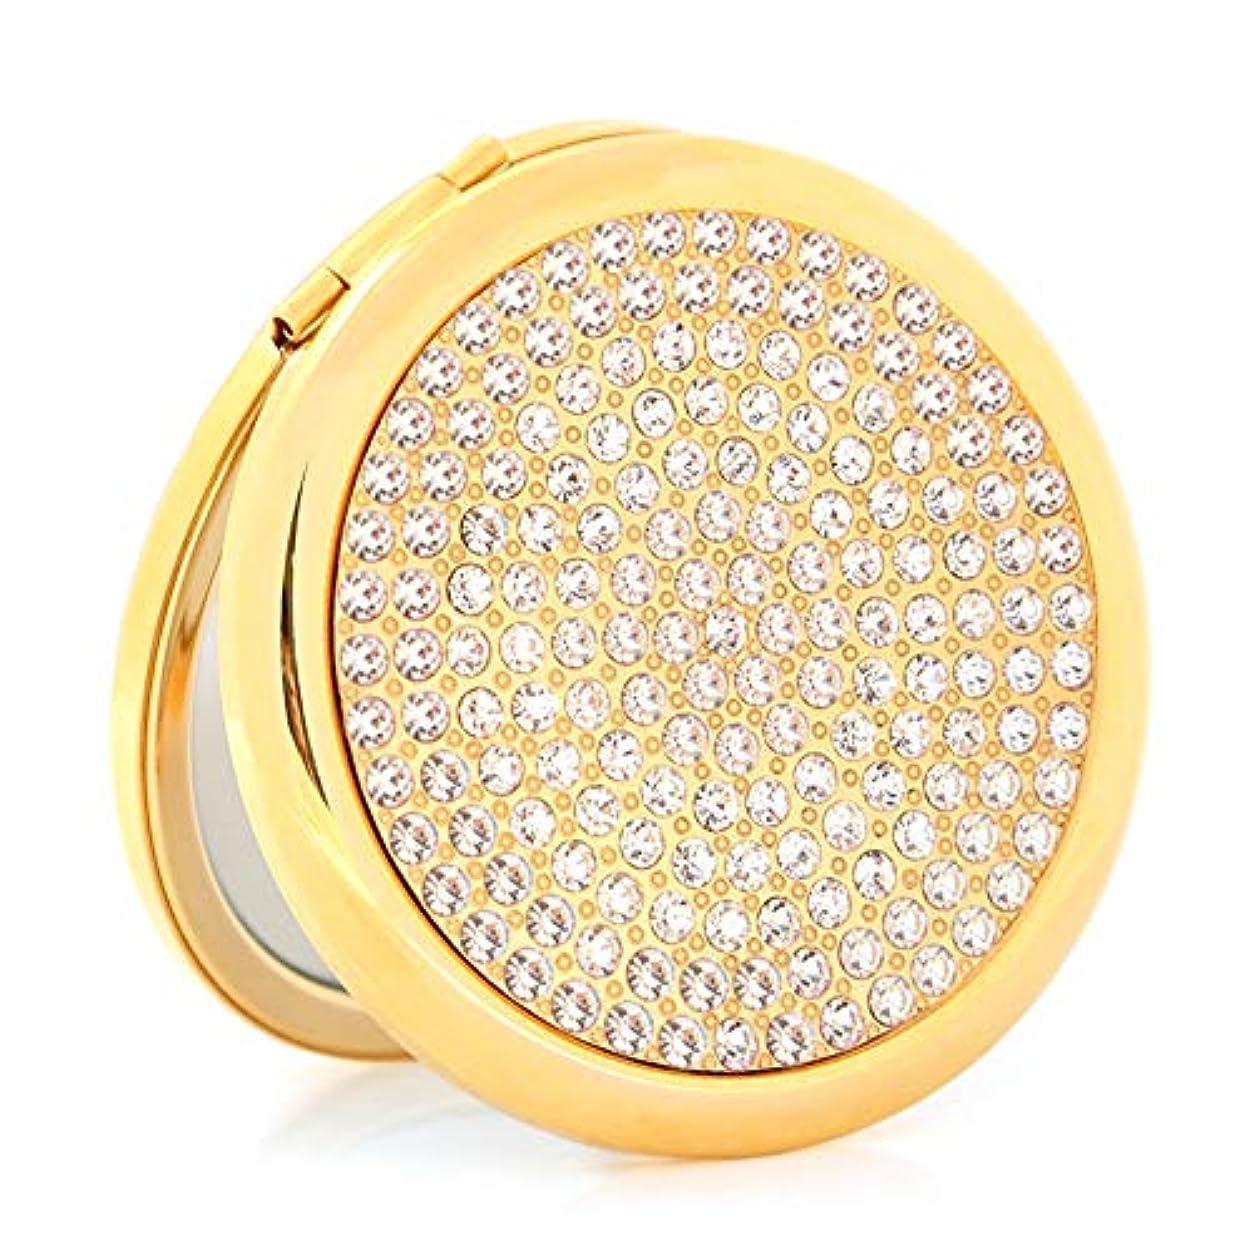 とは異なり無関心シンプルな流行の フルドリル折りたたみ化粧鏡両面ポータブルポータブルドレッシングレトロ鏡バレンタインの日ギフト小さな鏡 (色 : Gold)